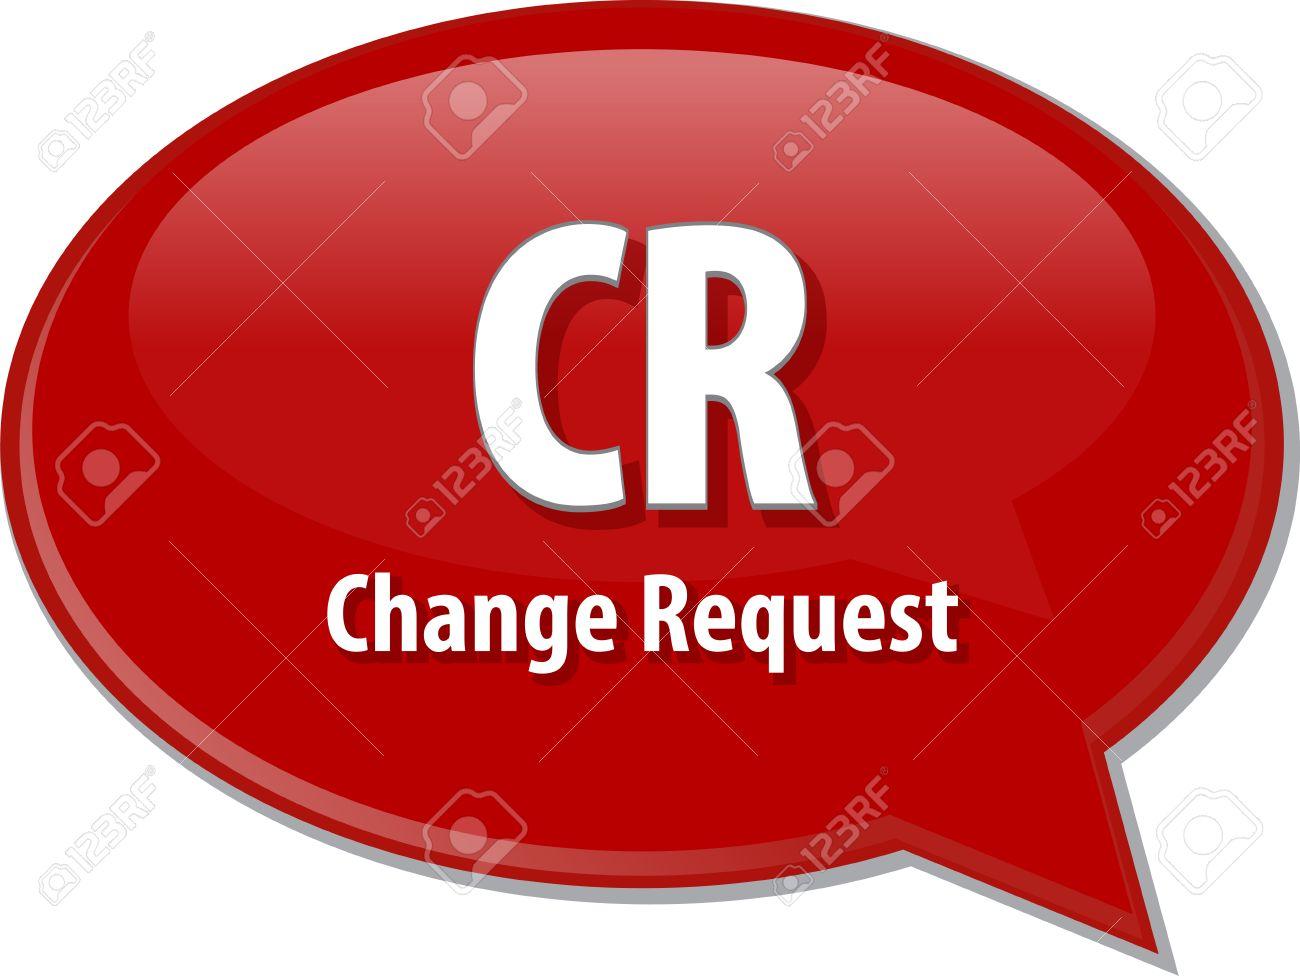 Wort Sprechblase Abbildung Von Geschafts Akronym Begriff Cr Change